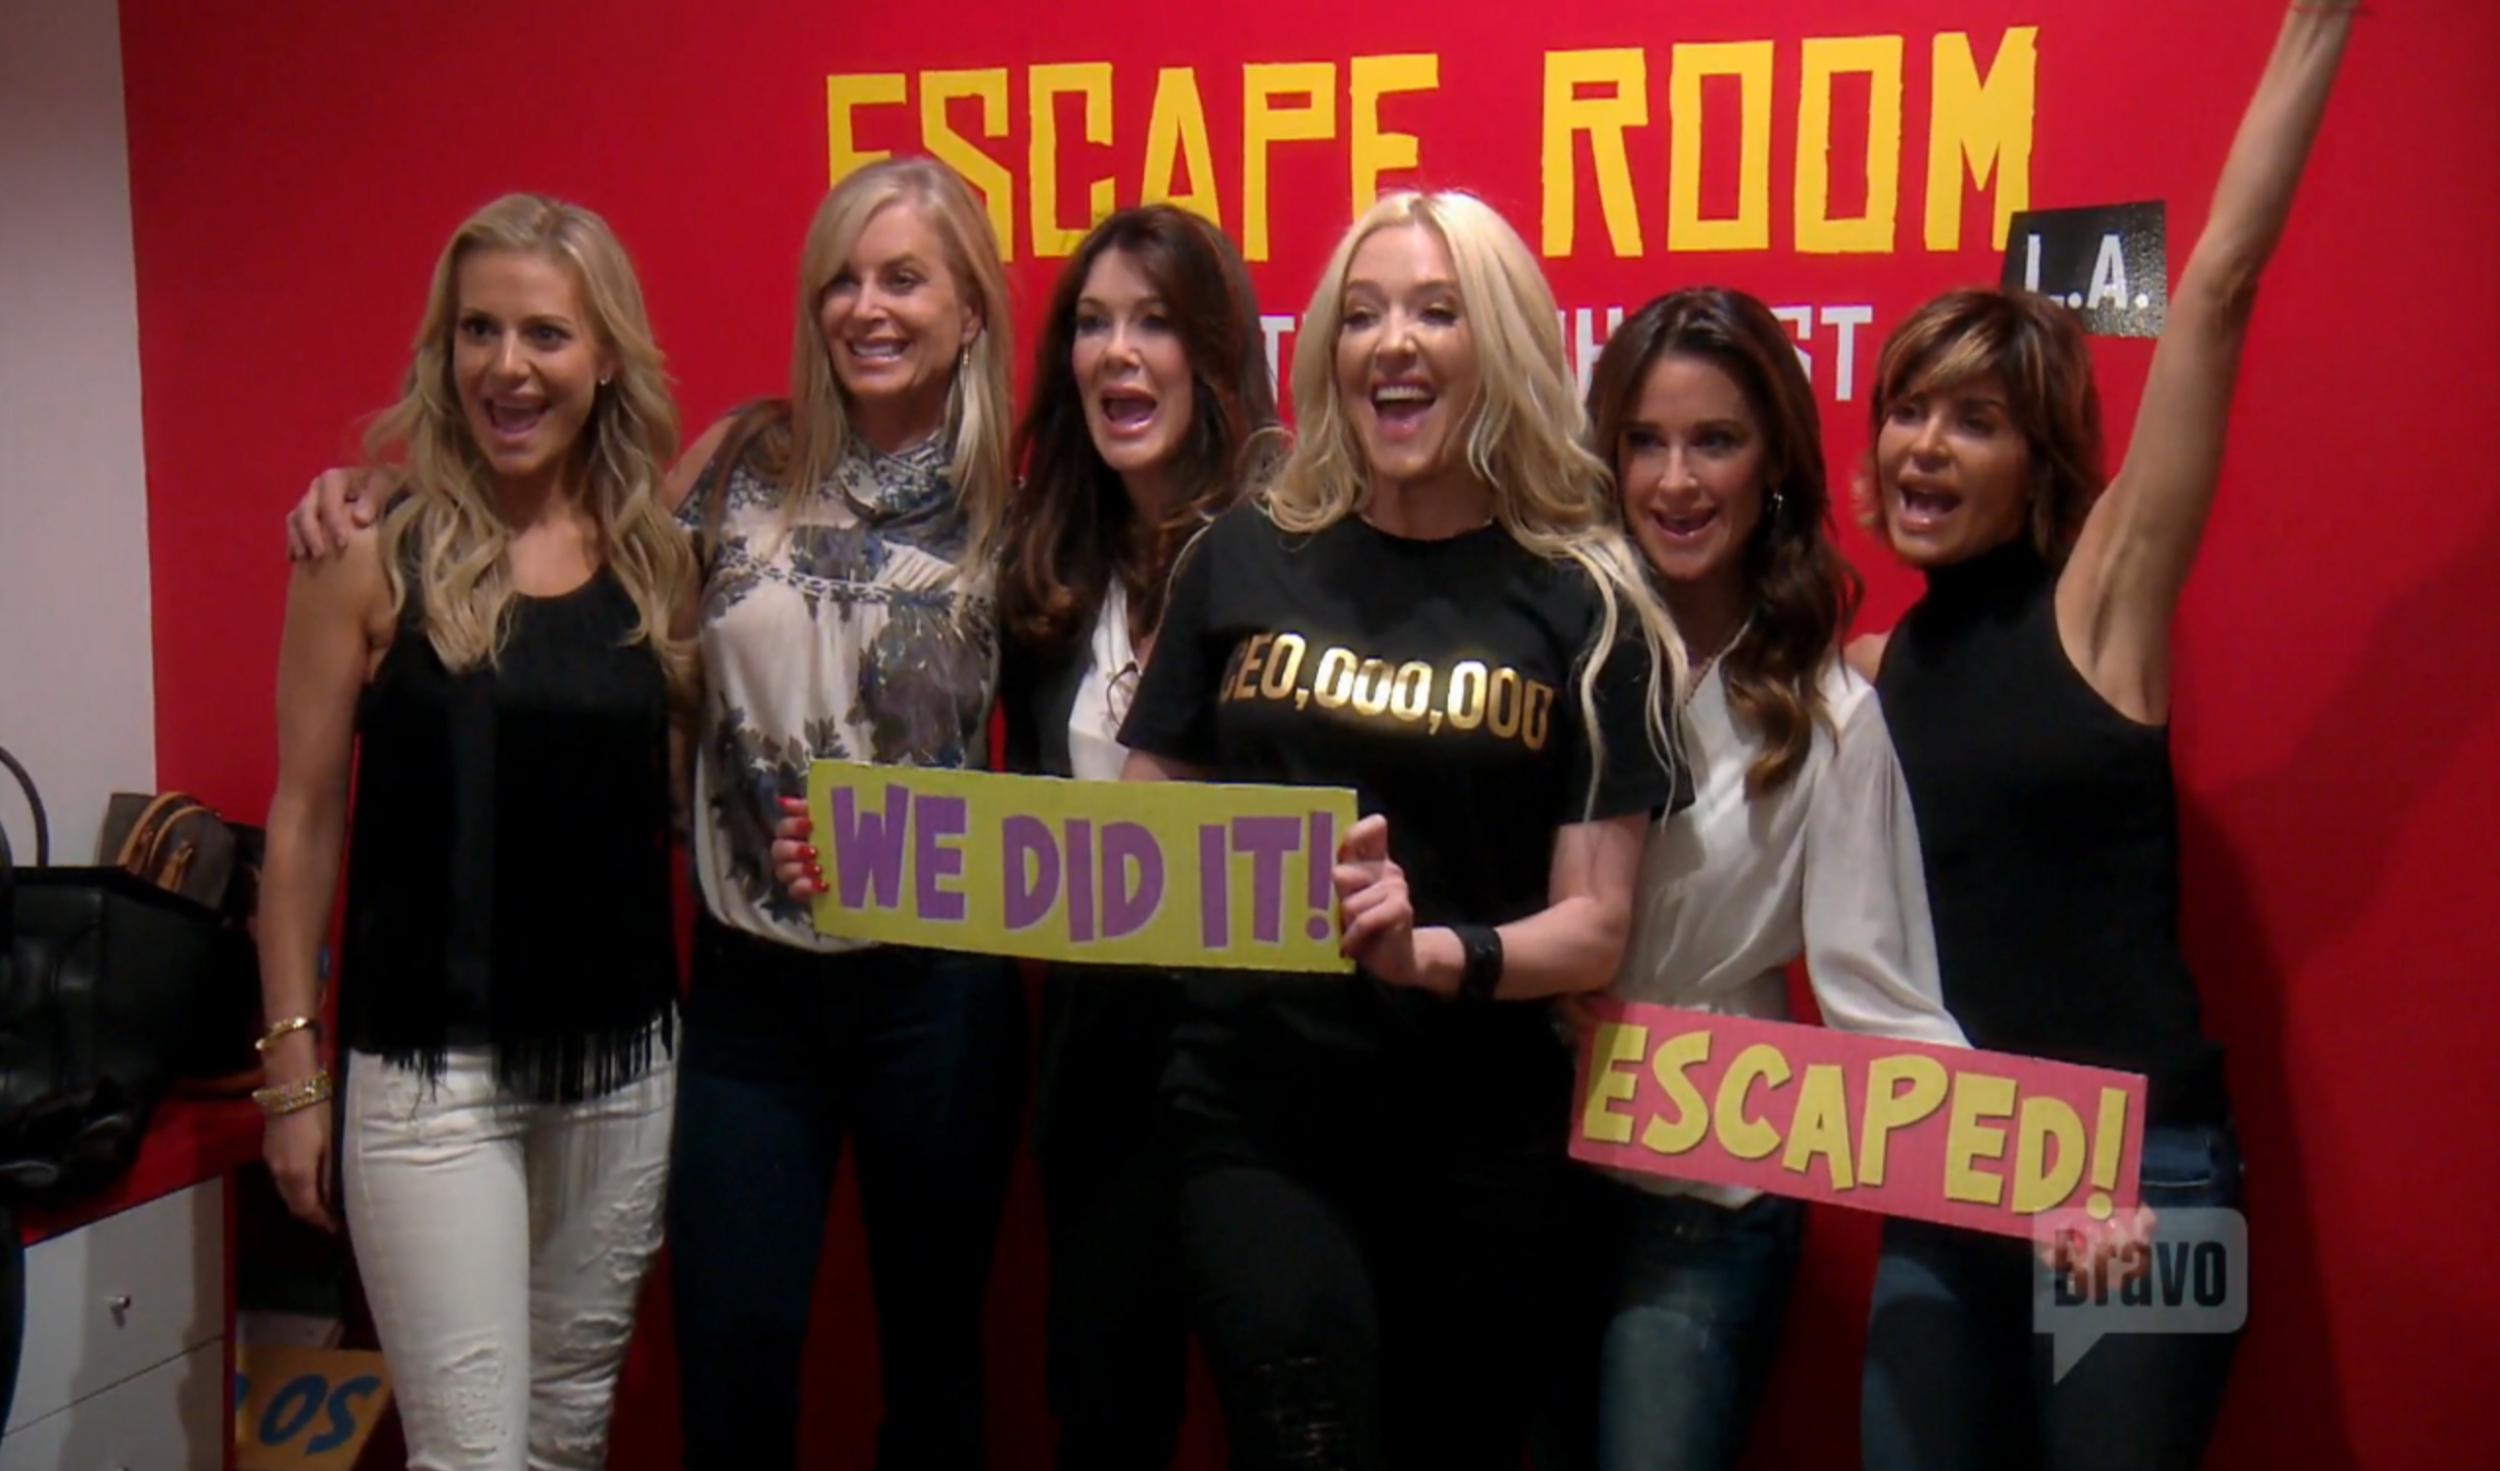 rhobh-escape-room